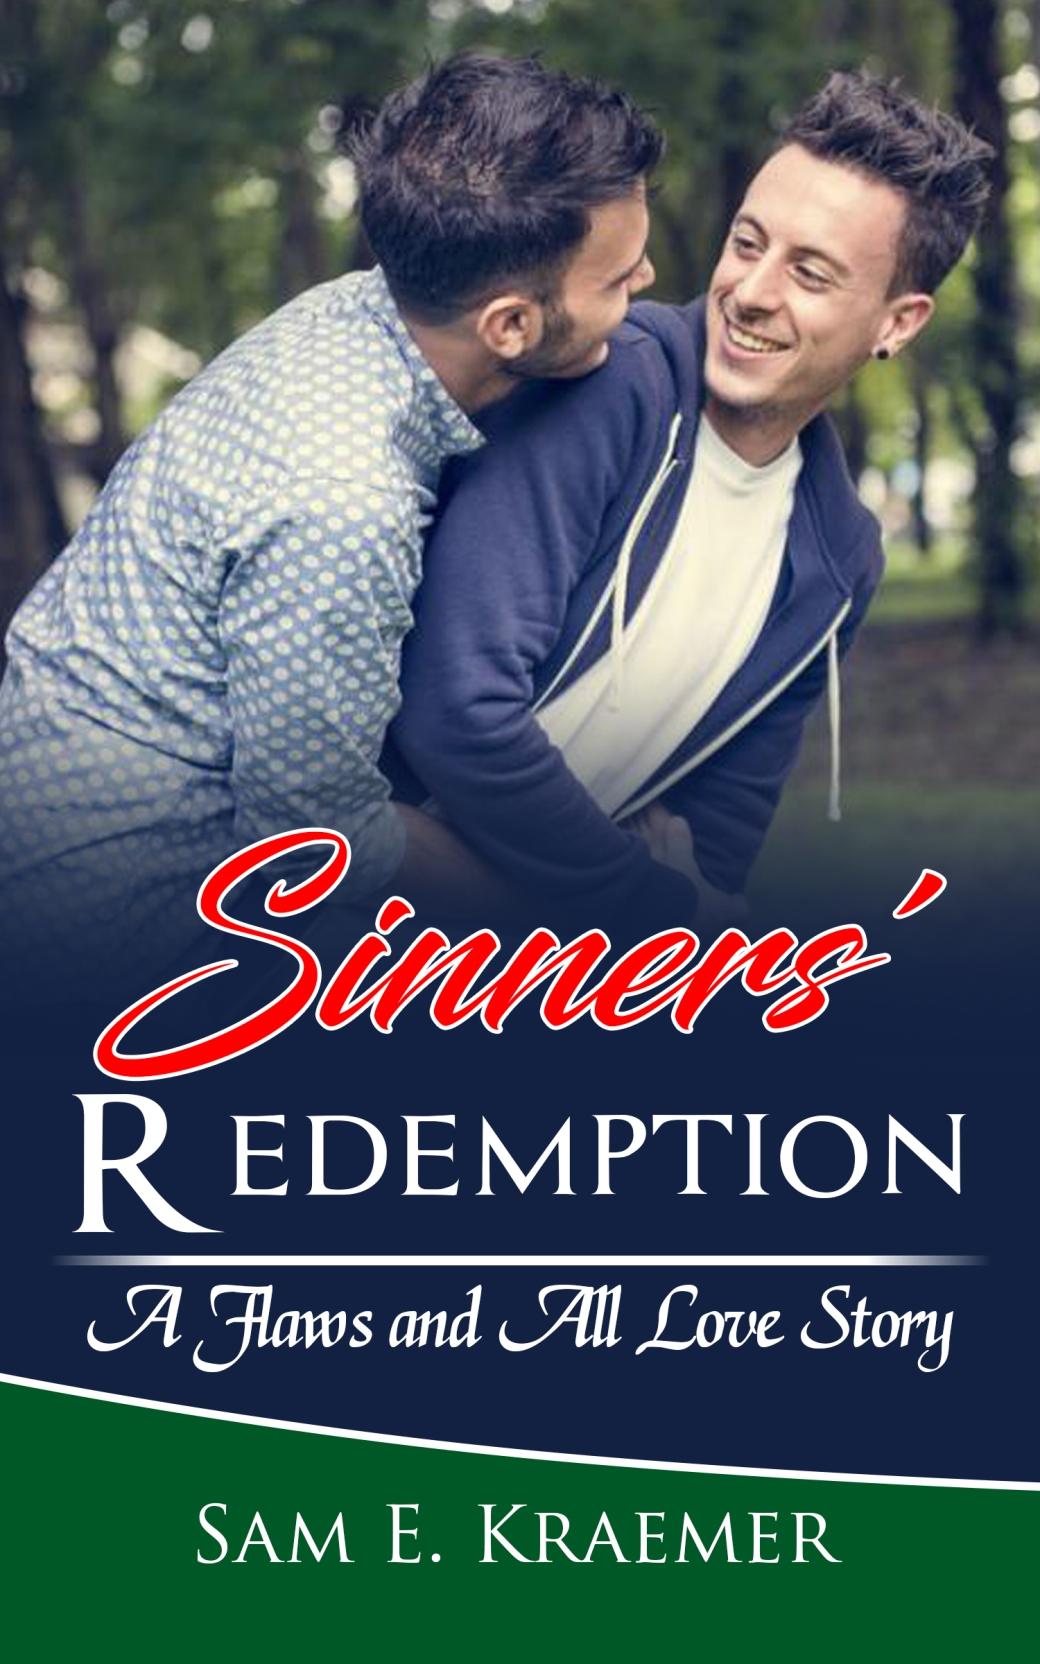 Redemption_2 (2)